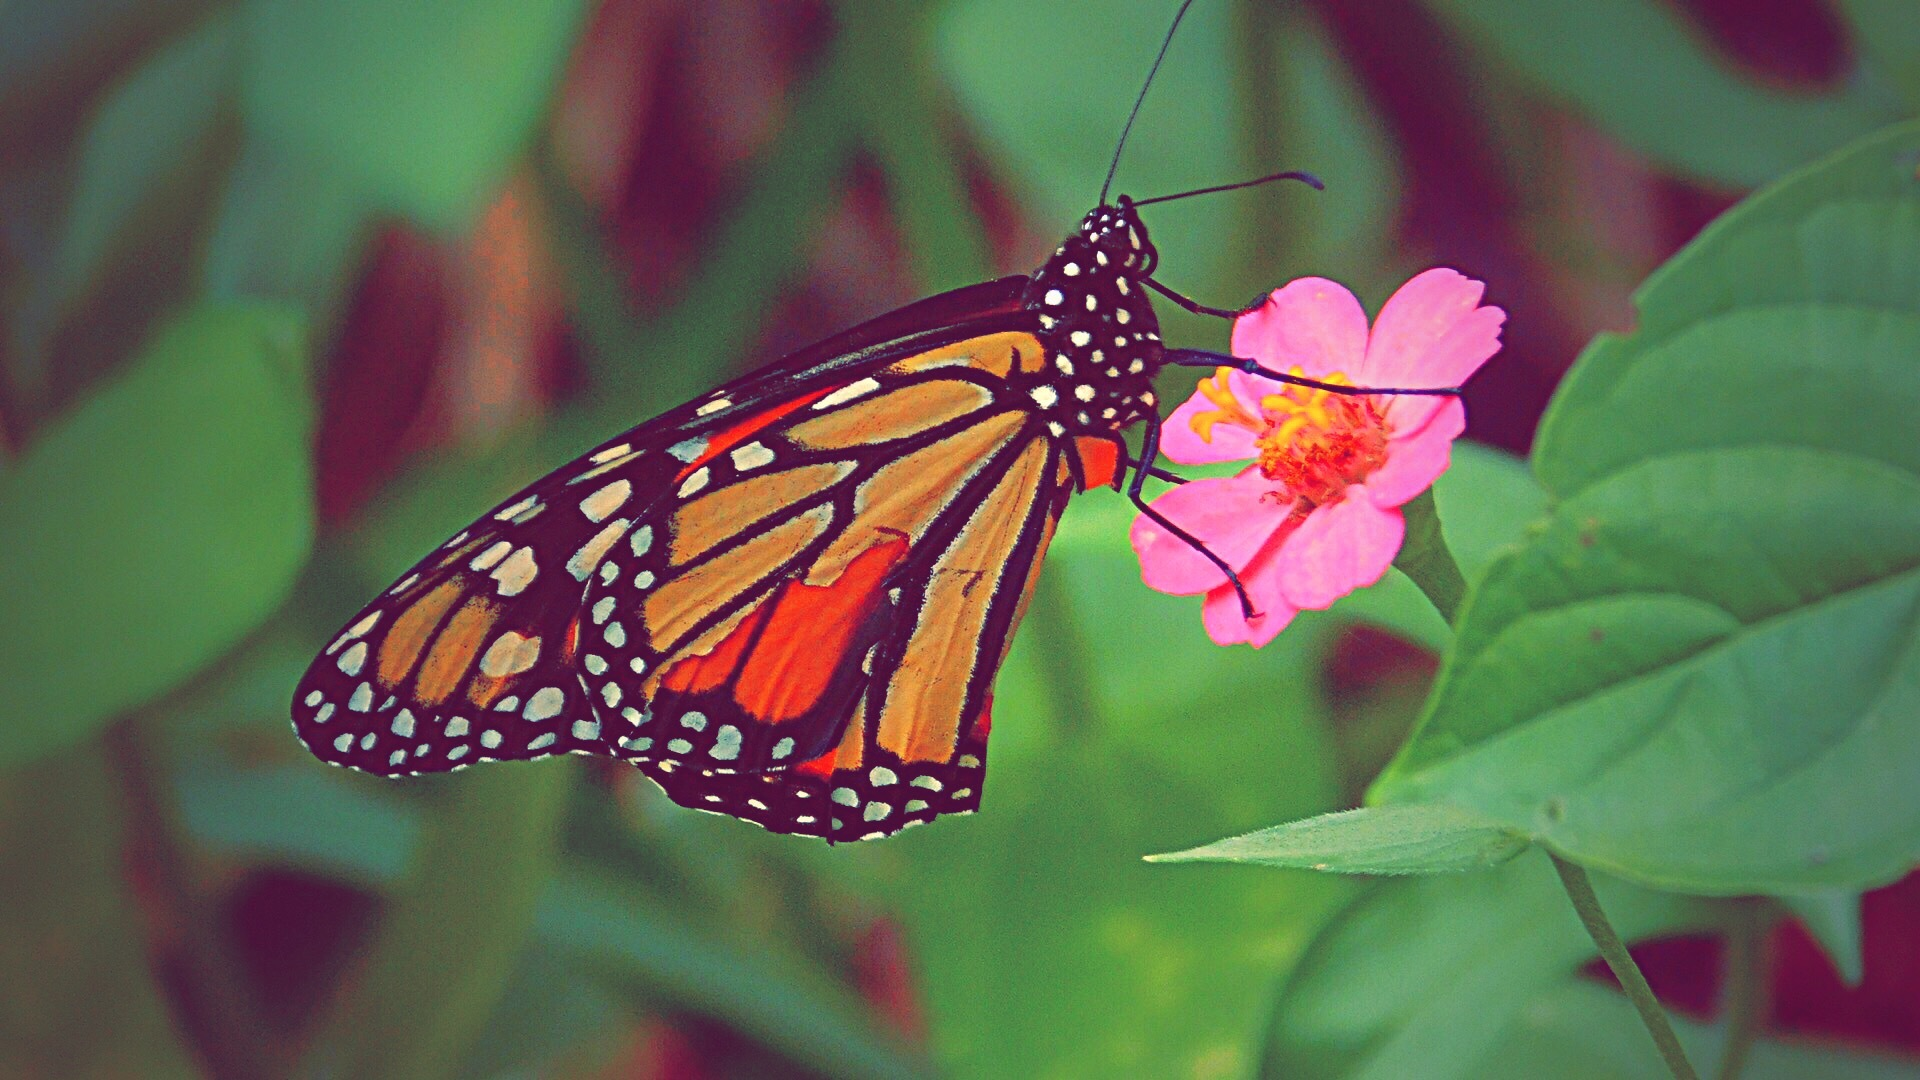 Butterfly by eann61